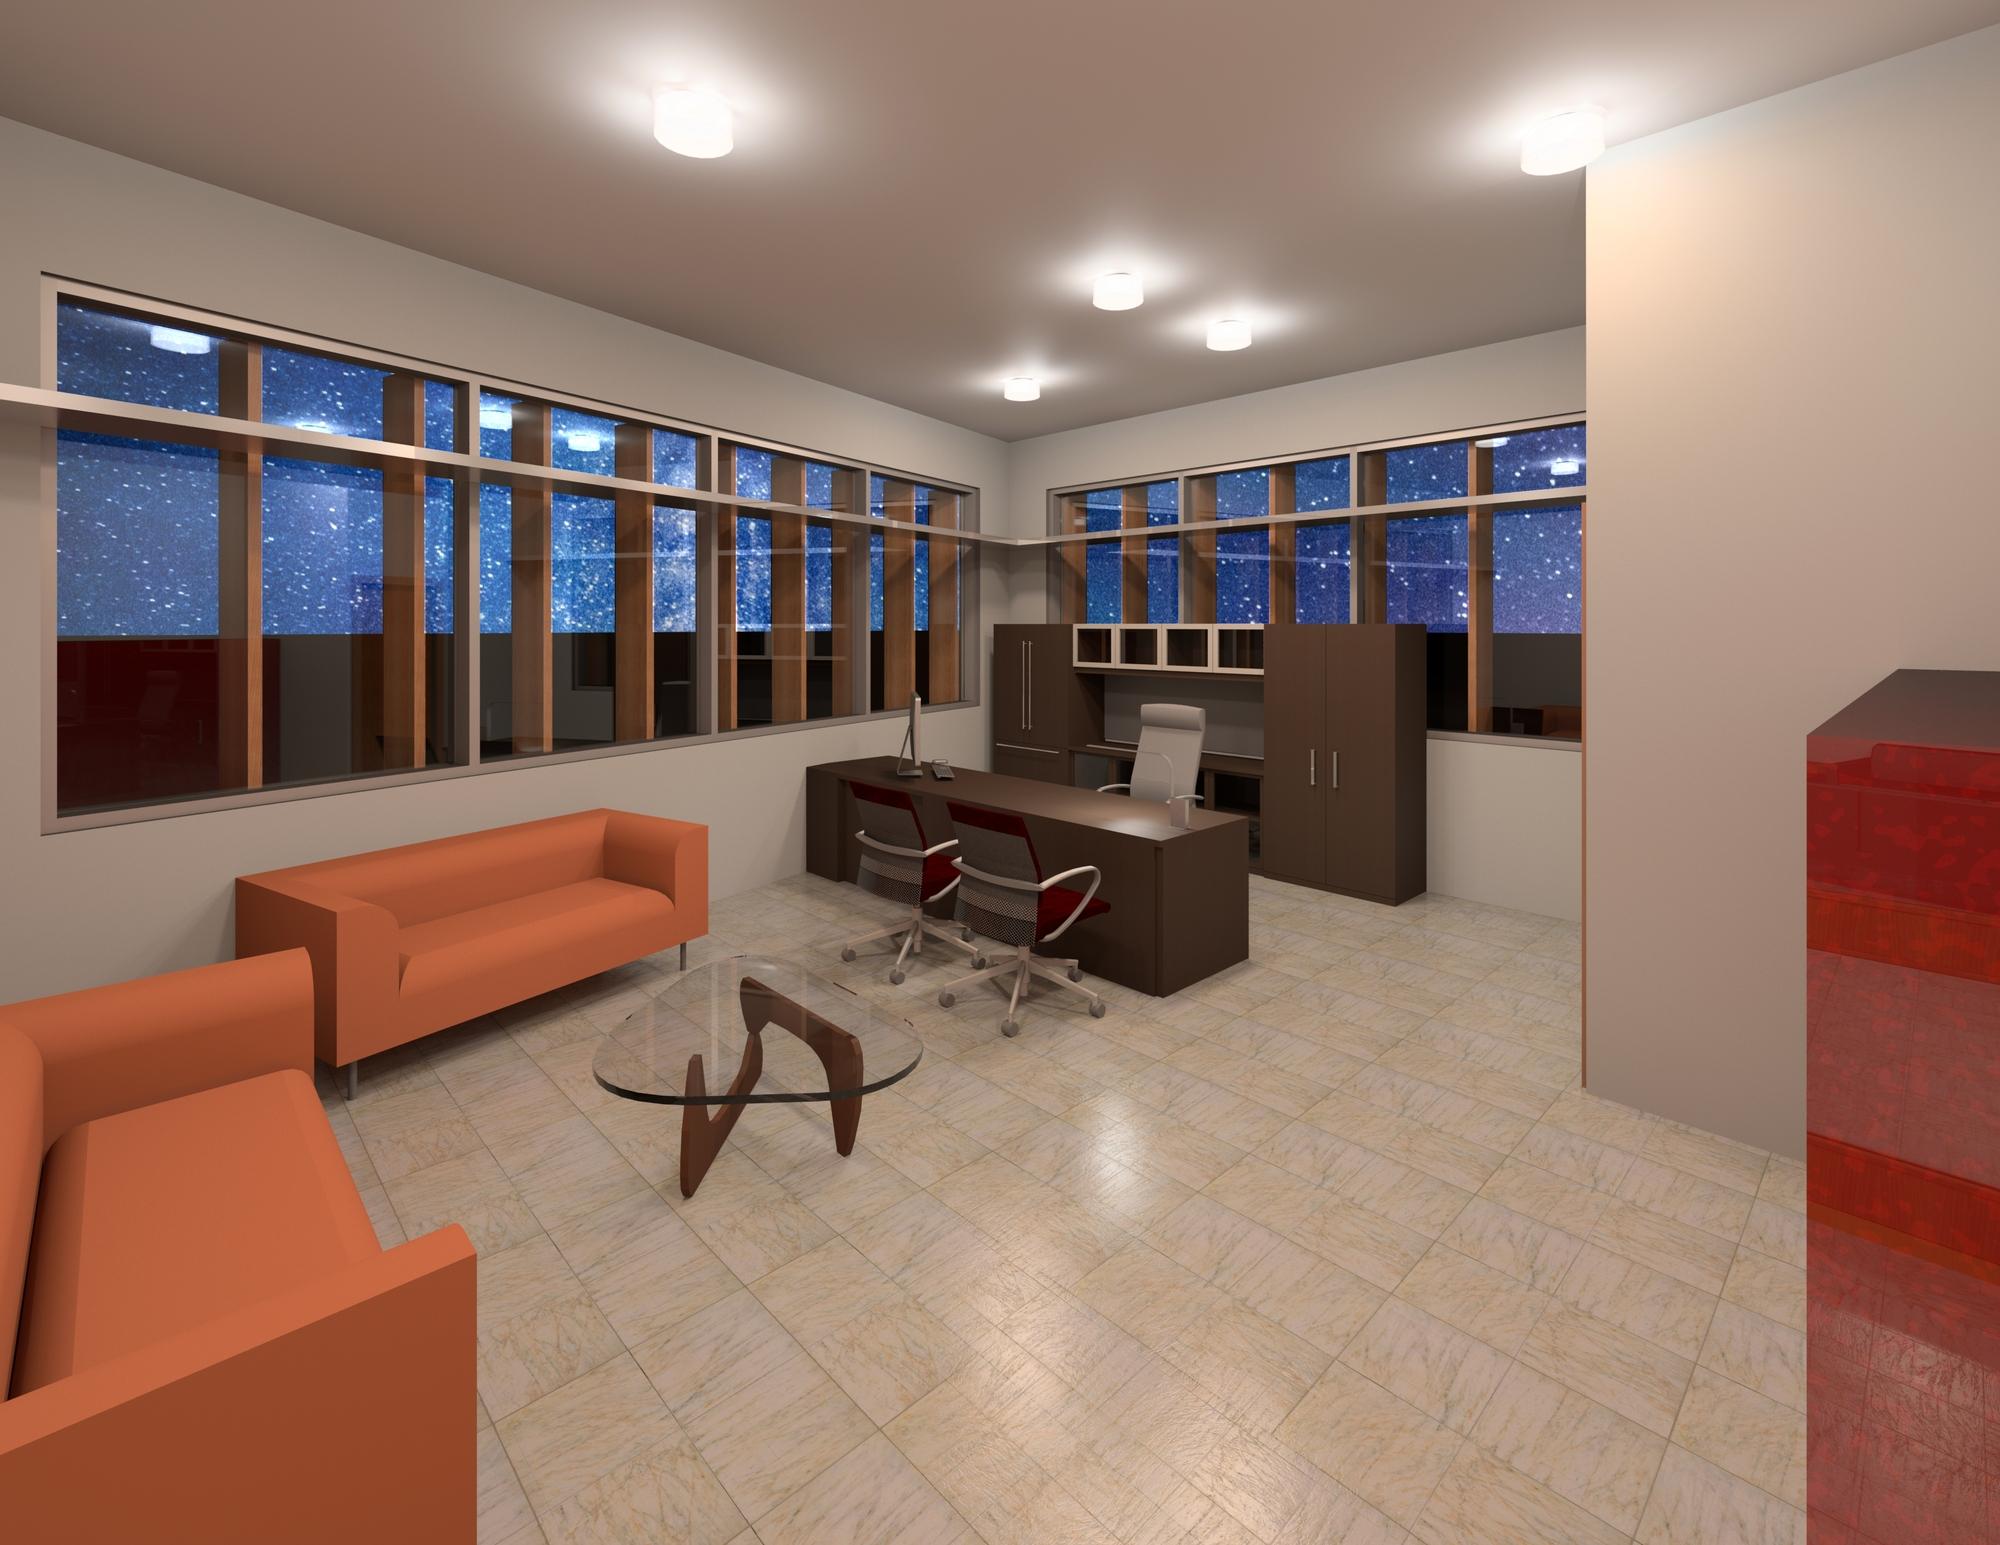 Raas-rendering20141023-634-8lfni2